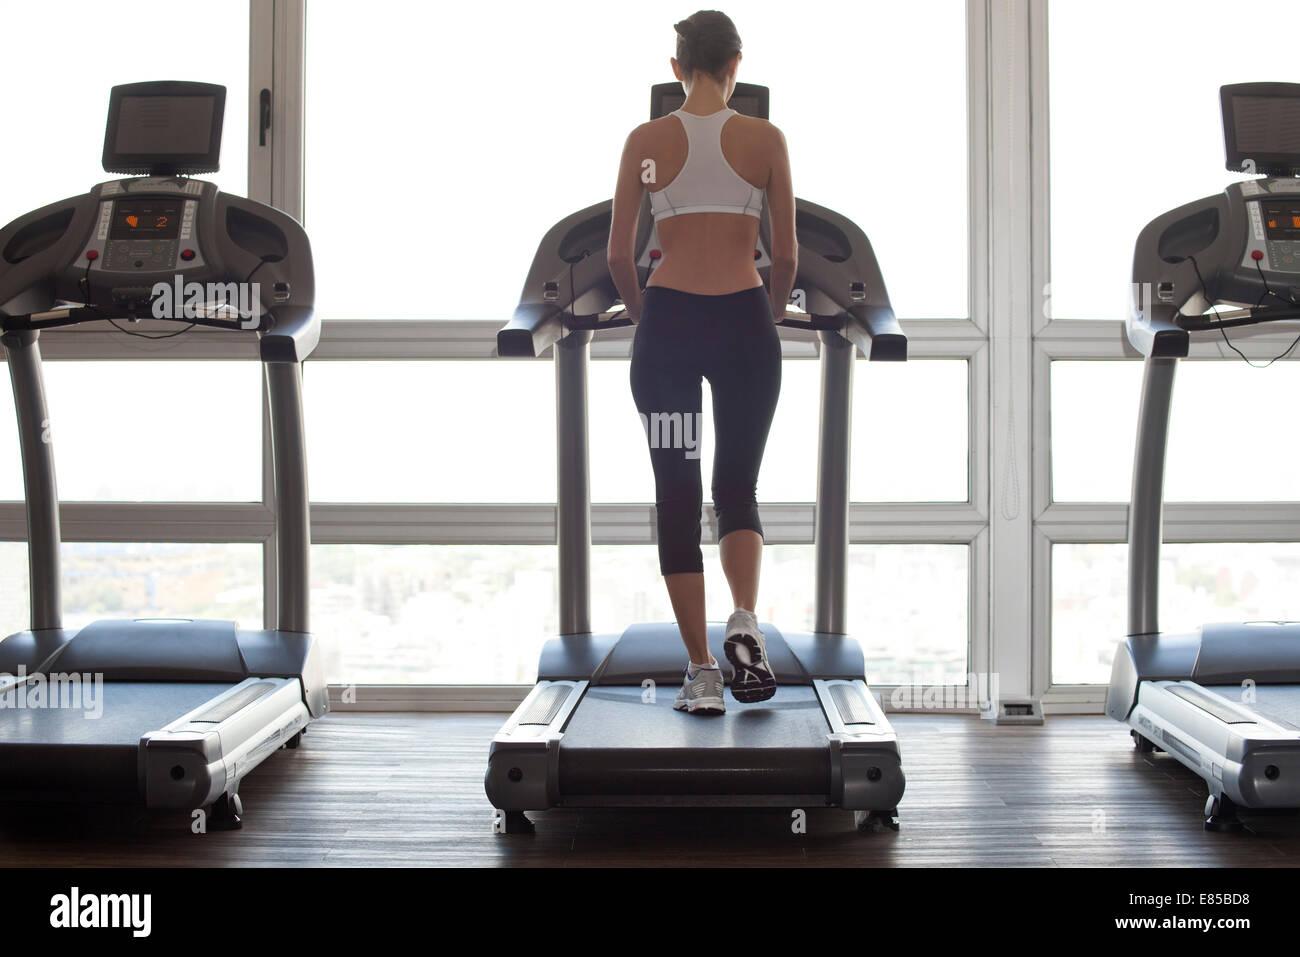 Mujer poniendo en forma en el gimnasio Imagen De Stock